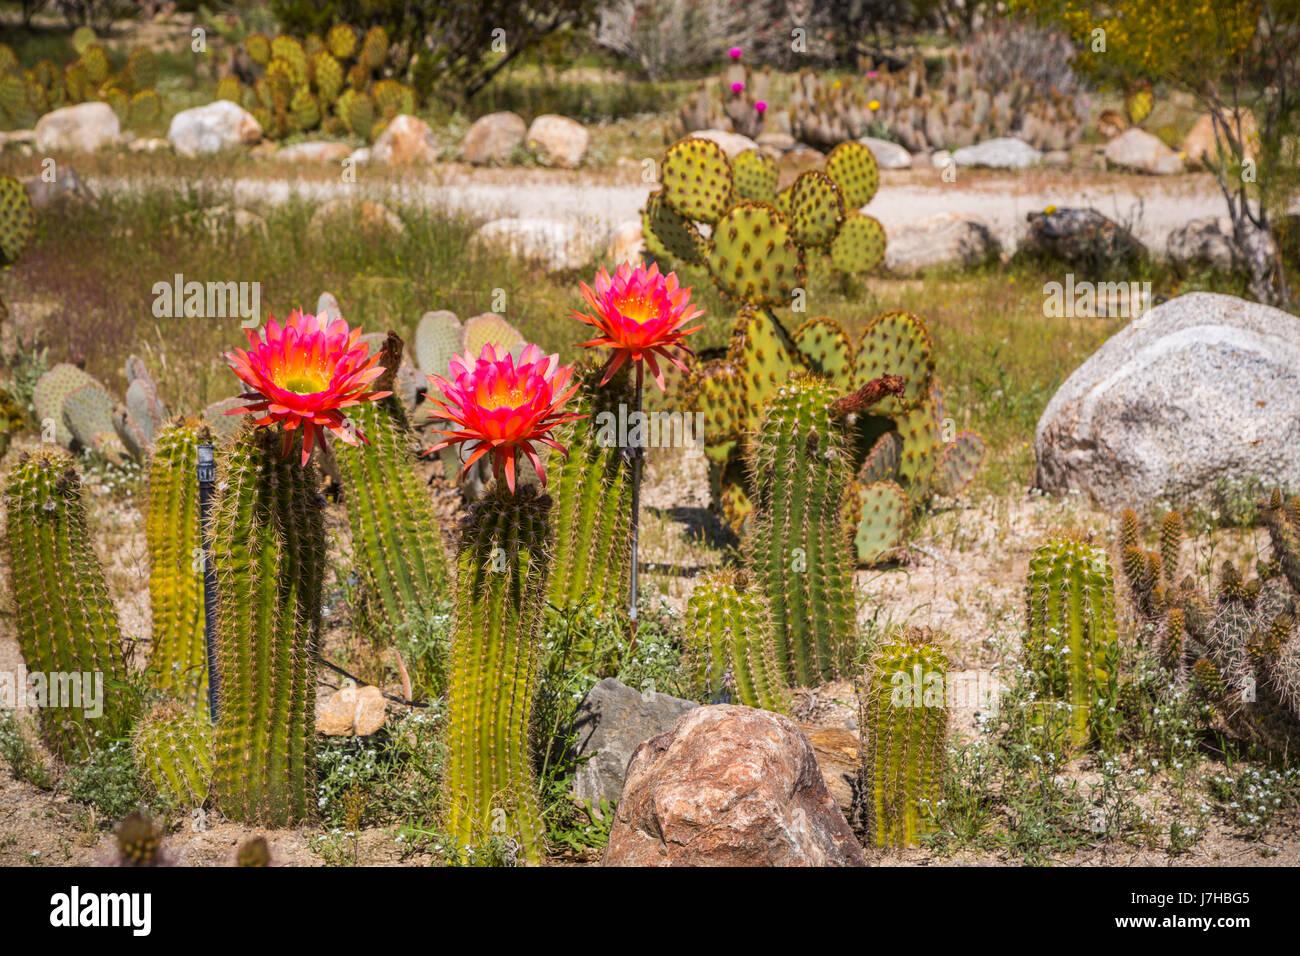 Orange cactus flowers blooming in the desert near borrego springs orange cactus flowers blooming in the desert near borrego springs california usa mightylinksfo